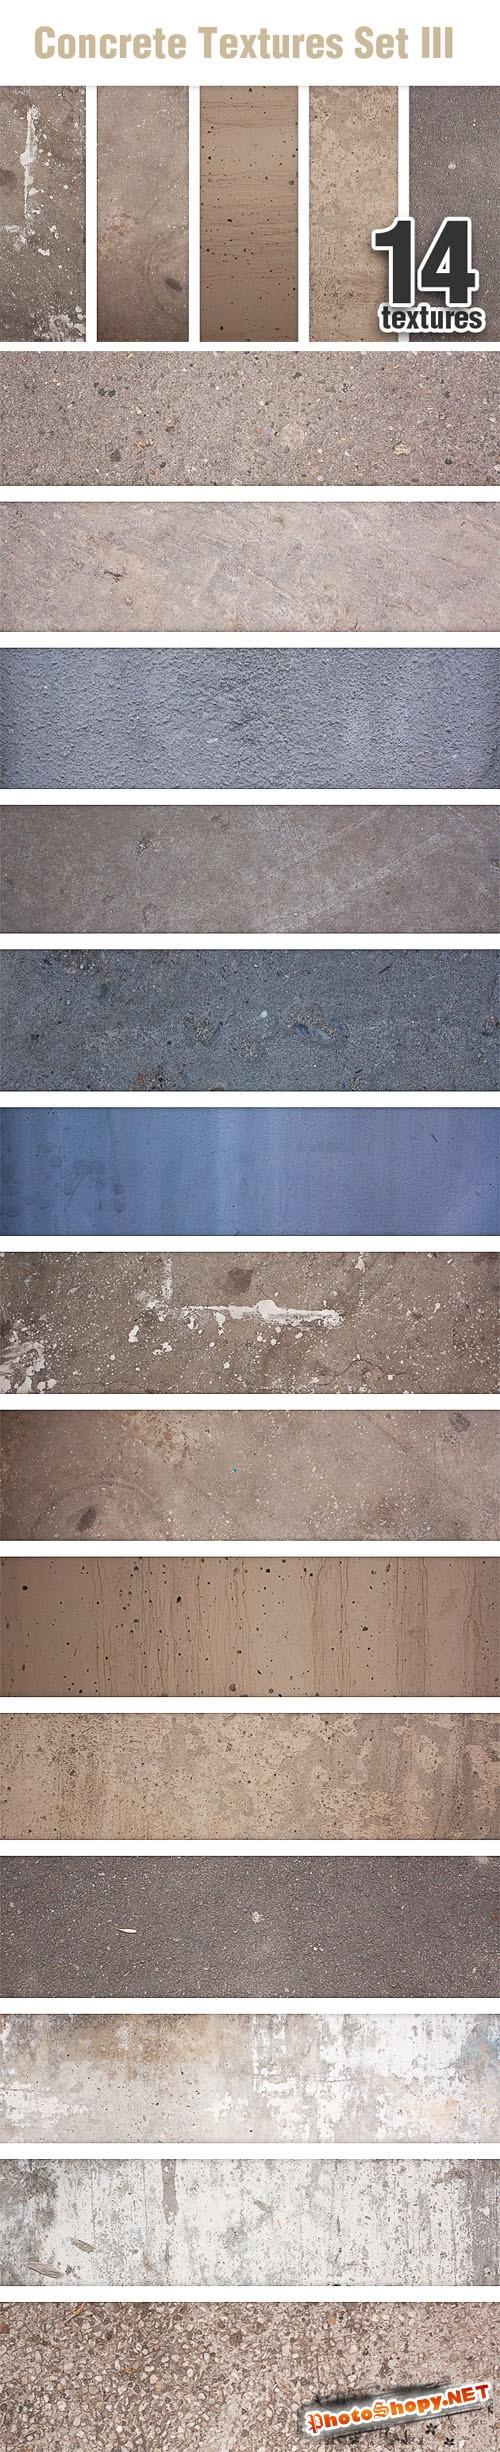 Designtnt - Concrete Textures Set 3